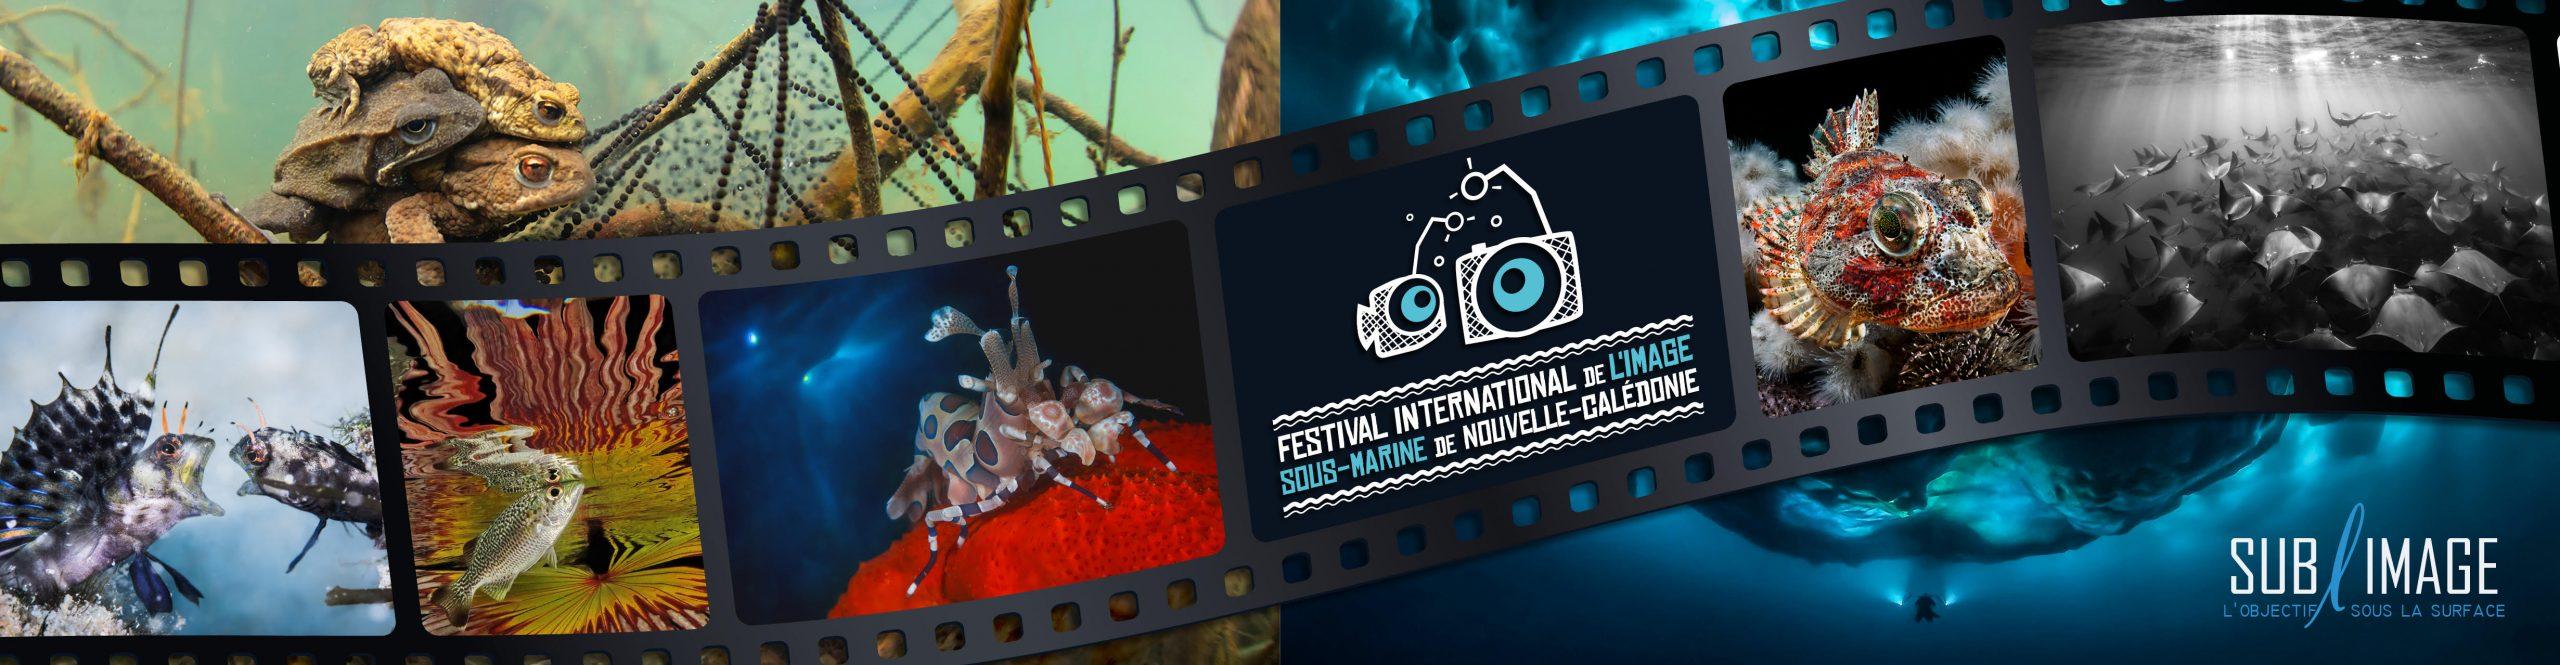 Festival International de l'Image Sous-Marine de Nouvelle Calédonie